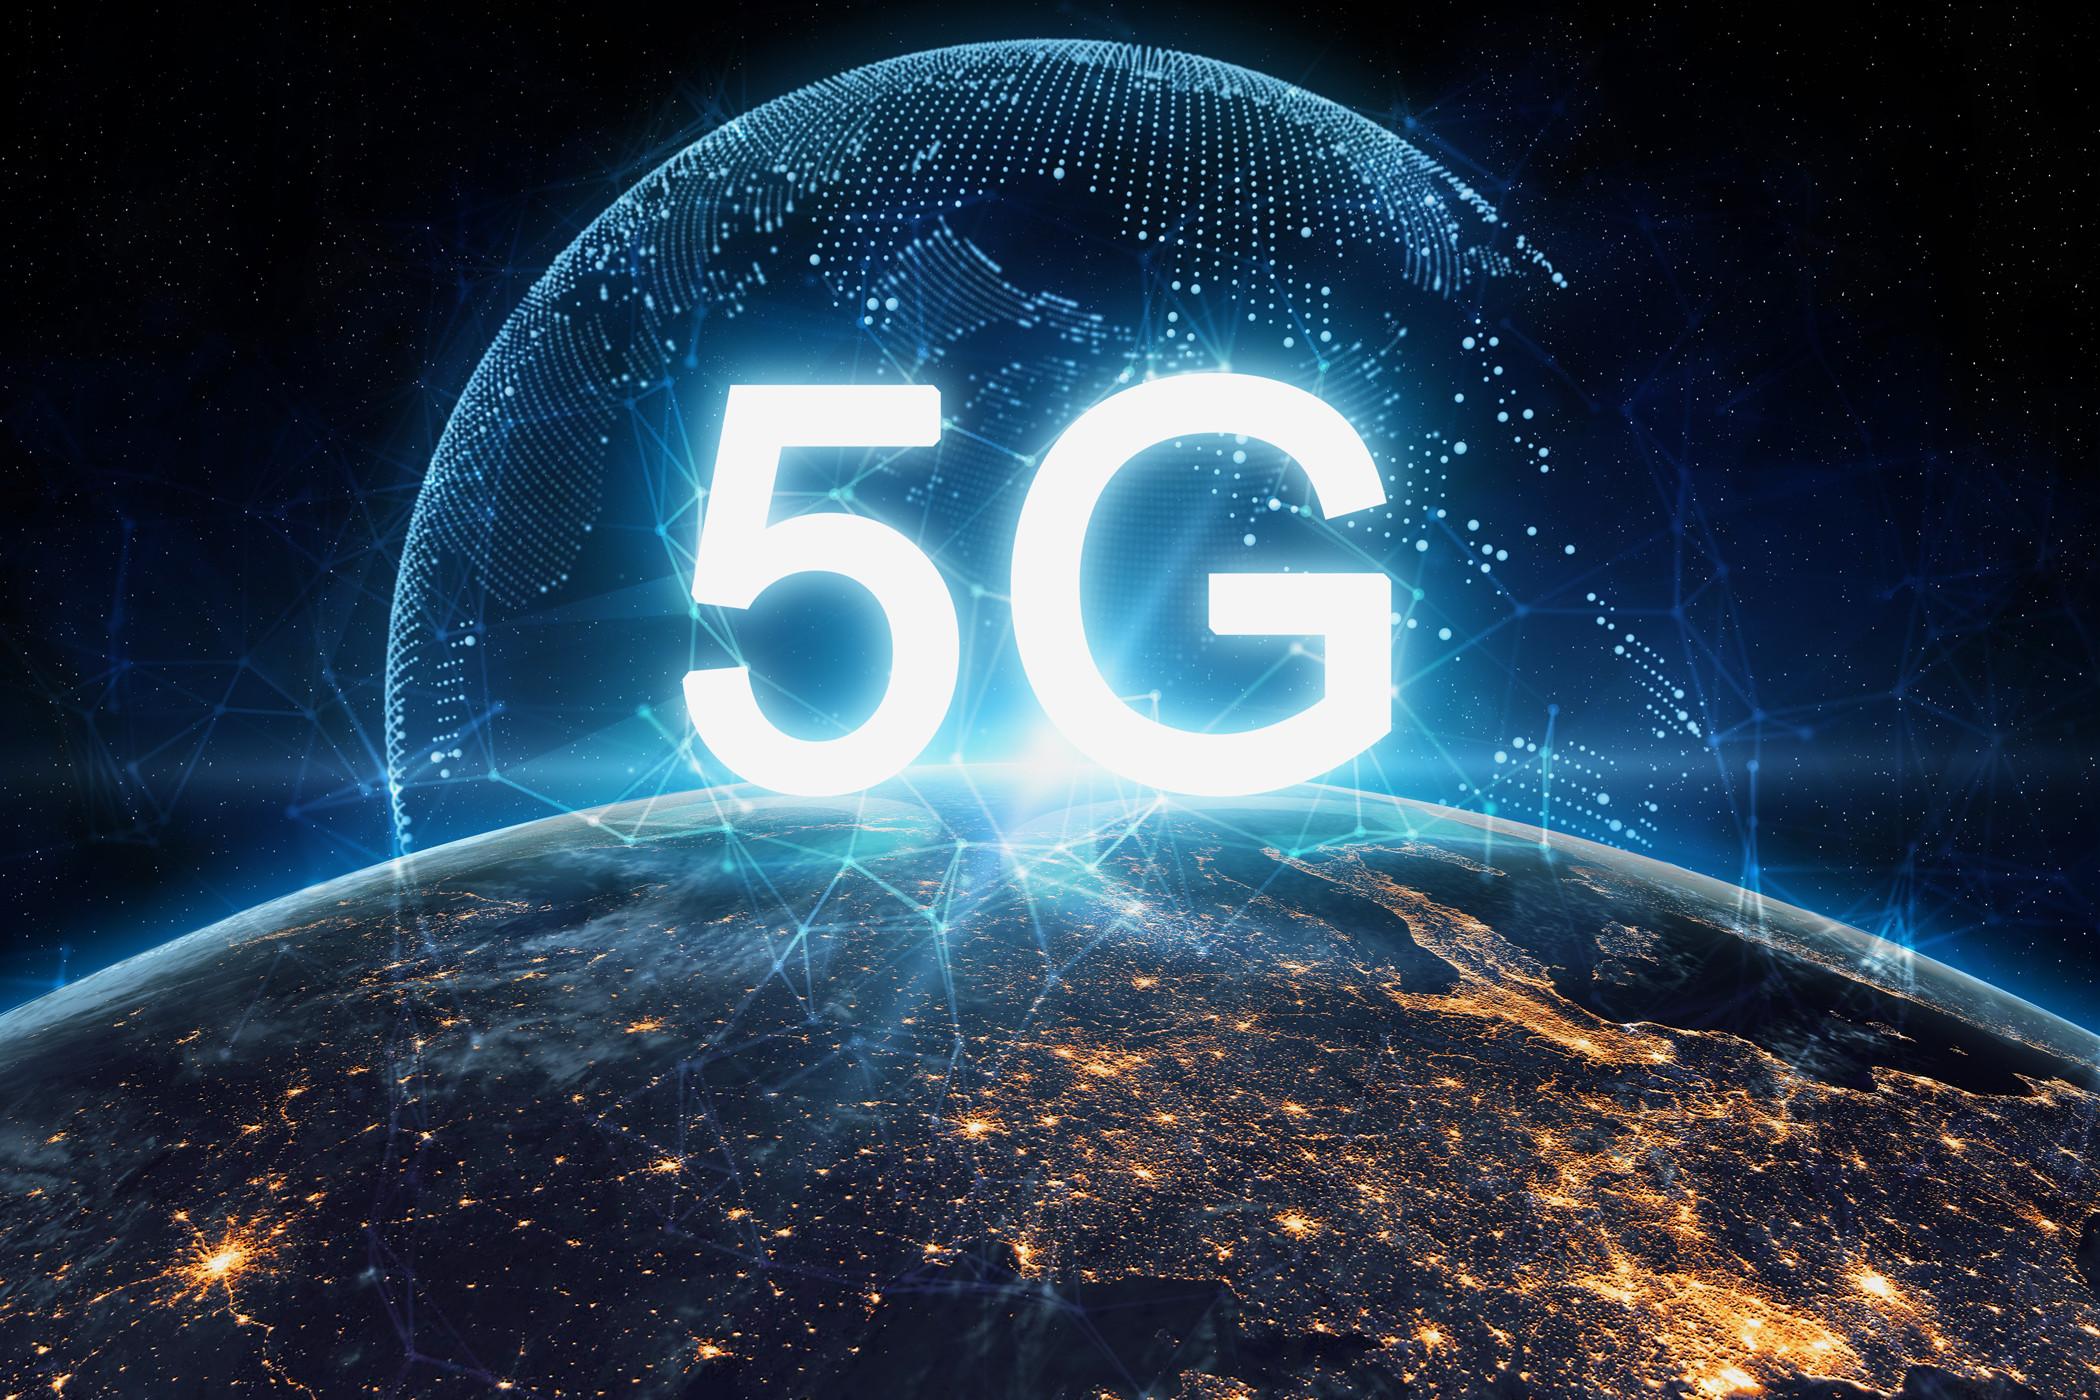 Napis 5G nad Ziemią, w tle połączenia symulujące internet.